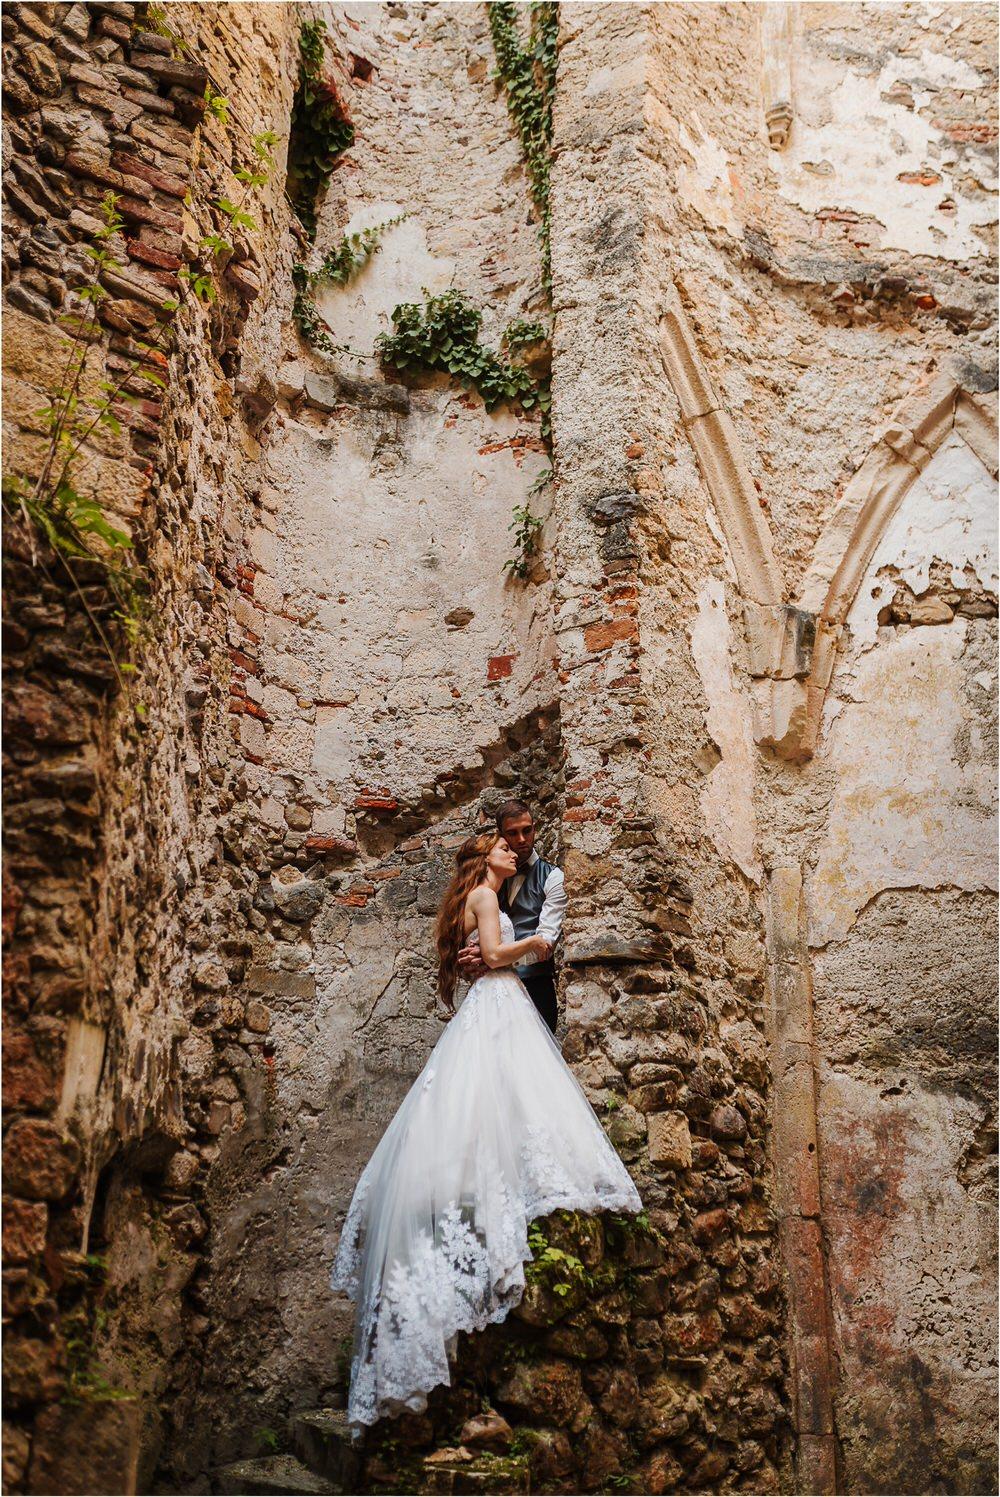 zicka kartuzija poroka porocni fotograf fotografija luka in ben loce elegantna poroka slovenski porocni fotograf  0098.jpg